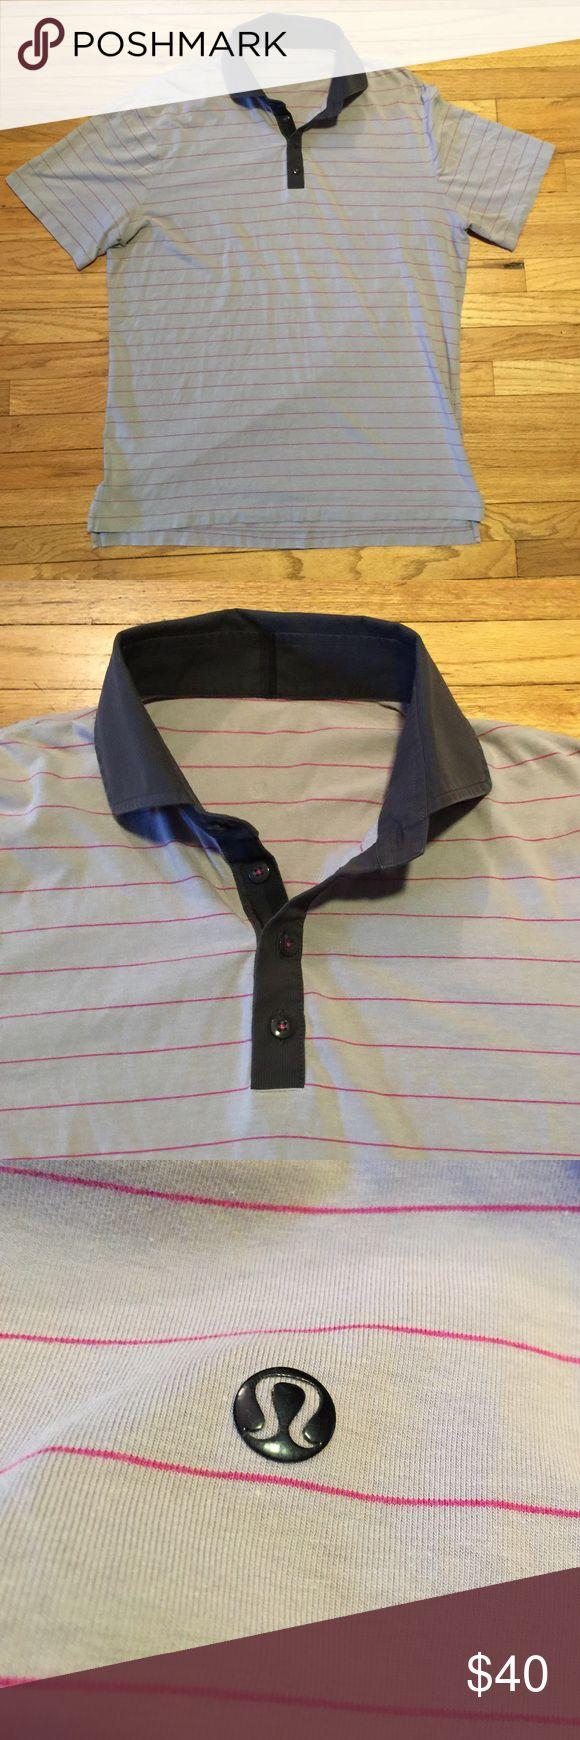 Lululemon grey striped polo shirt - XL Lululemon grey striped polo shirt - XL. Armpit to armpit - 24 inches. Length - 29 inches. Great shape lululemon athletica Shirts Polos